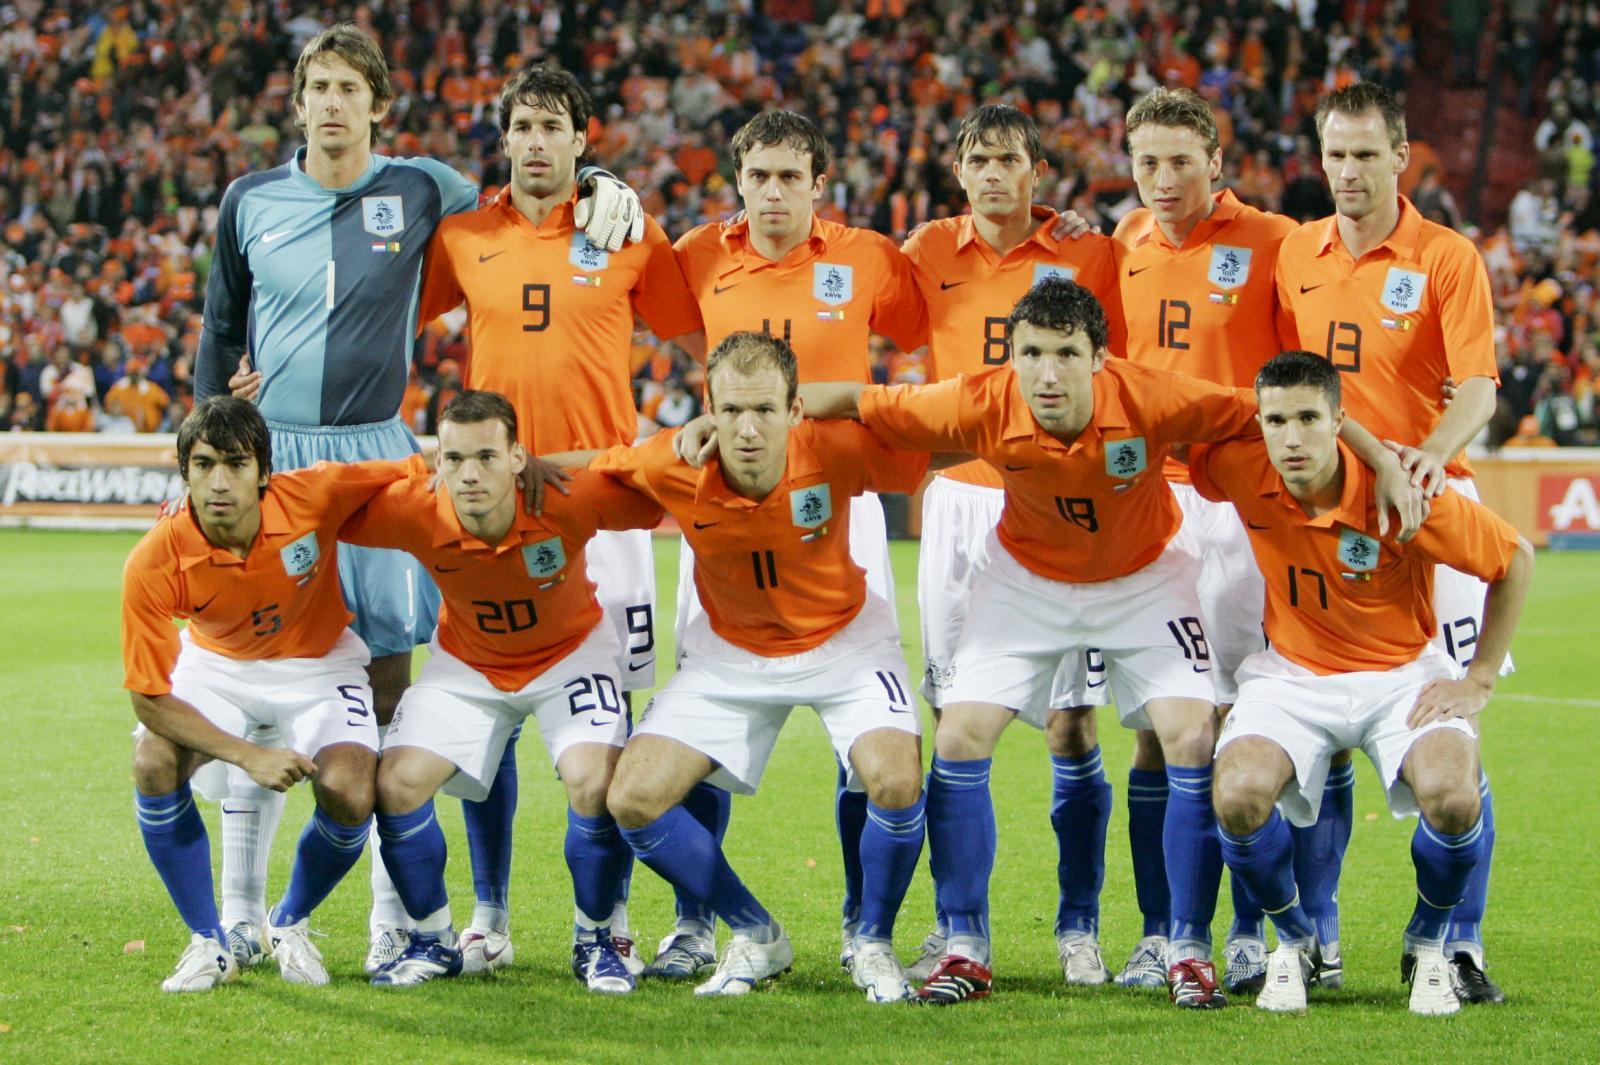 เจาะ 5 เหตุผล รัสเซีย 2018 ฟุตบอลโลกที่ไร้สีส้มจากเหล่าอัศวิน